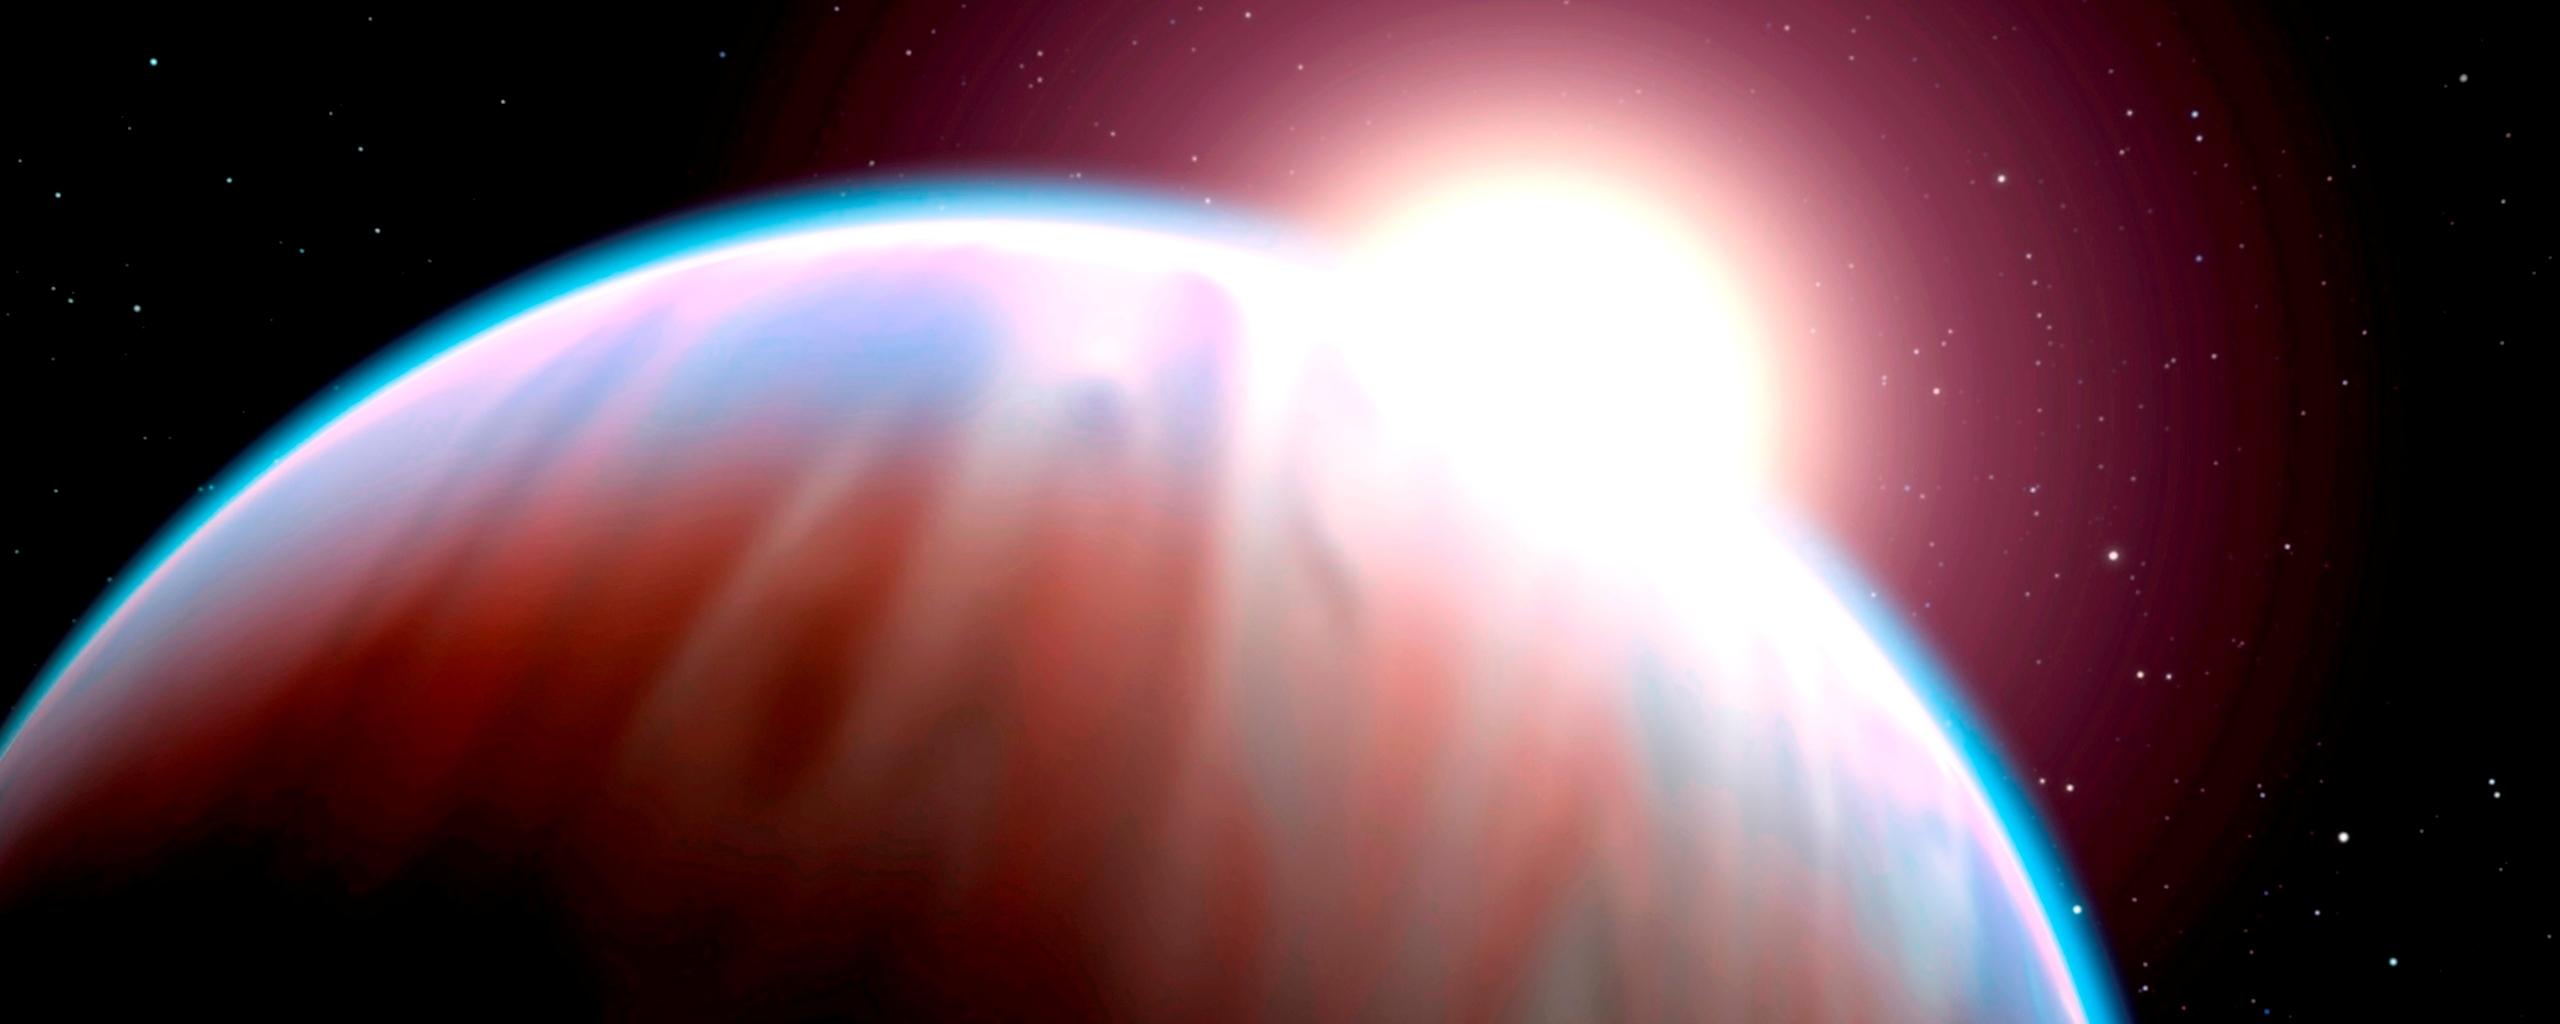 GJ 1132b, il pianeta gemello della Terra ricco di acqua e metano